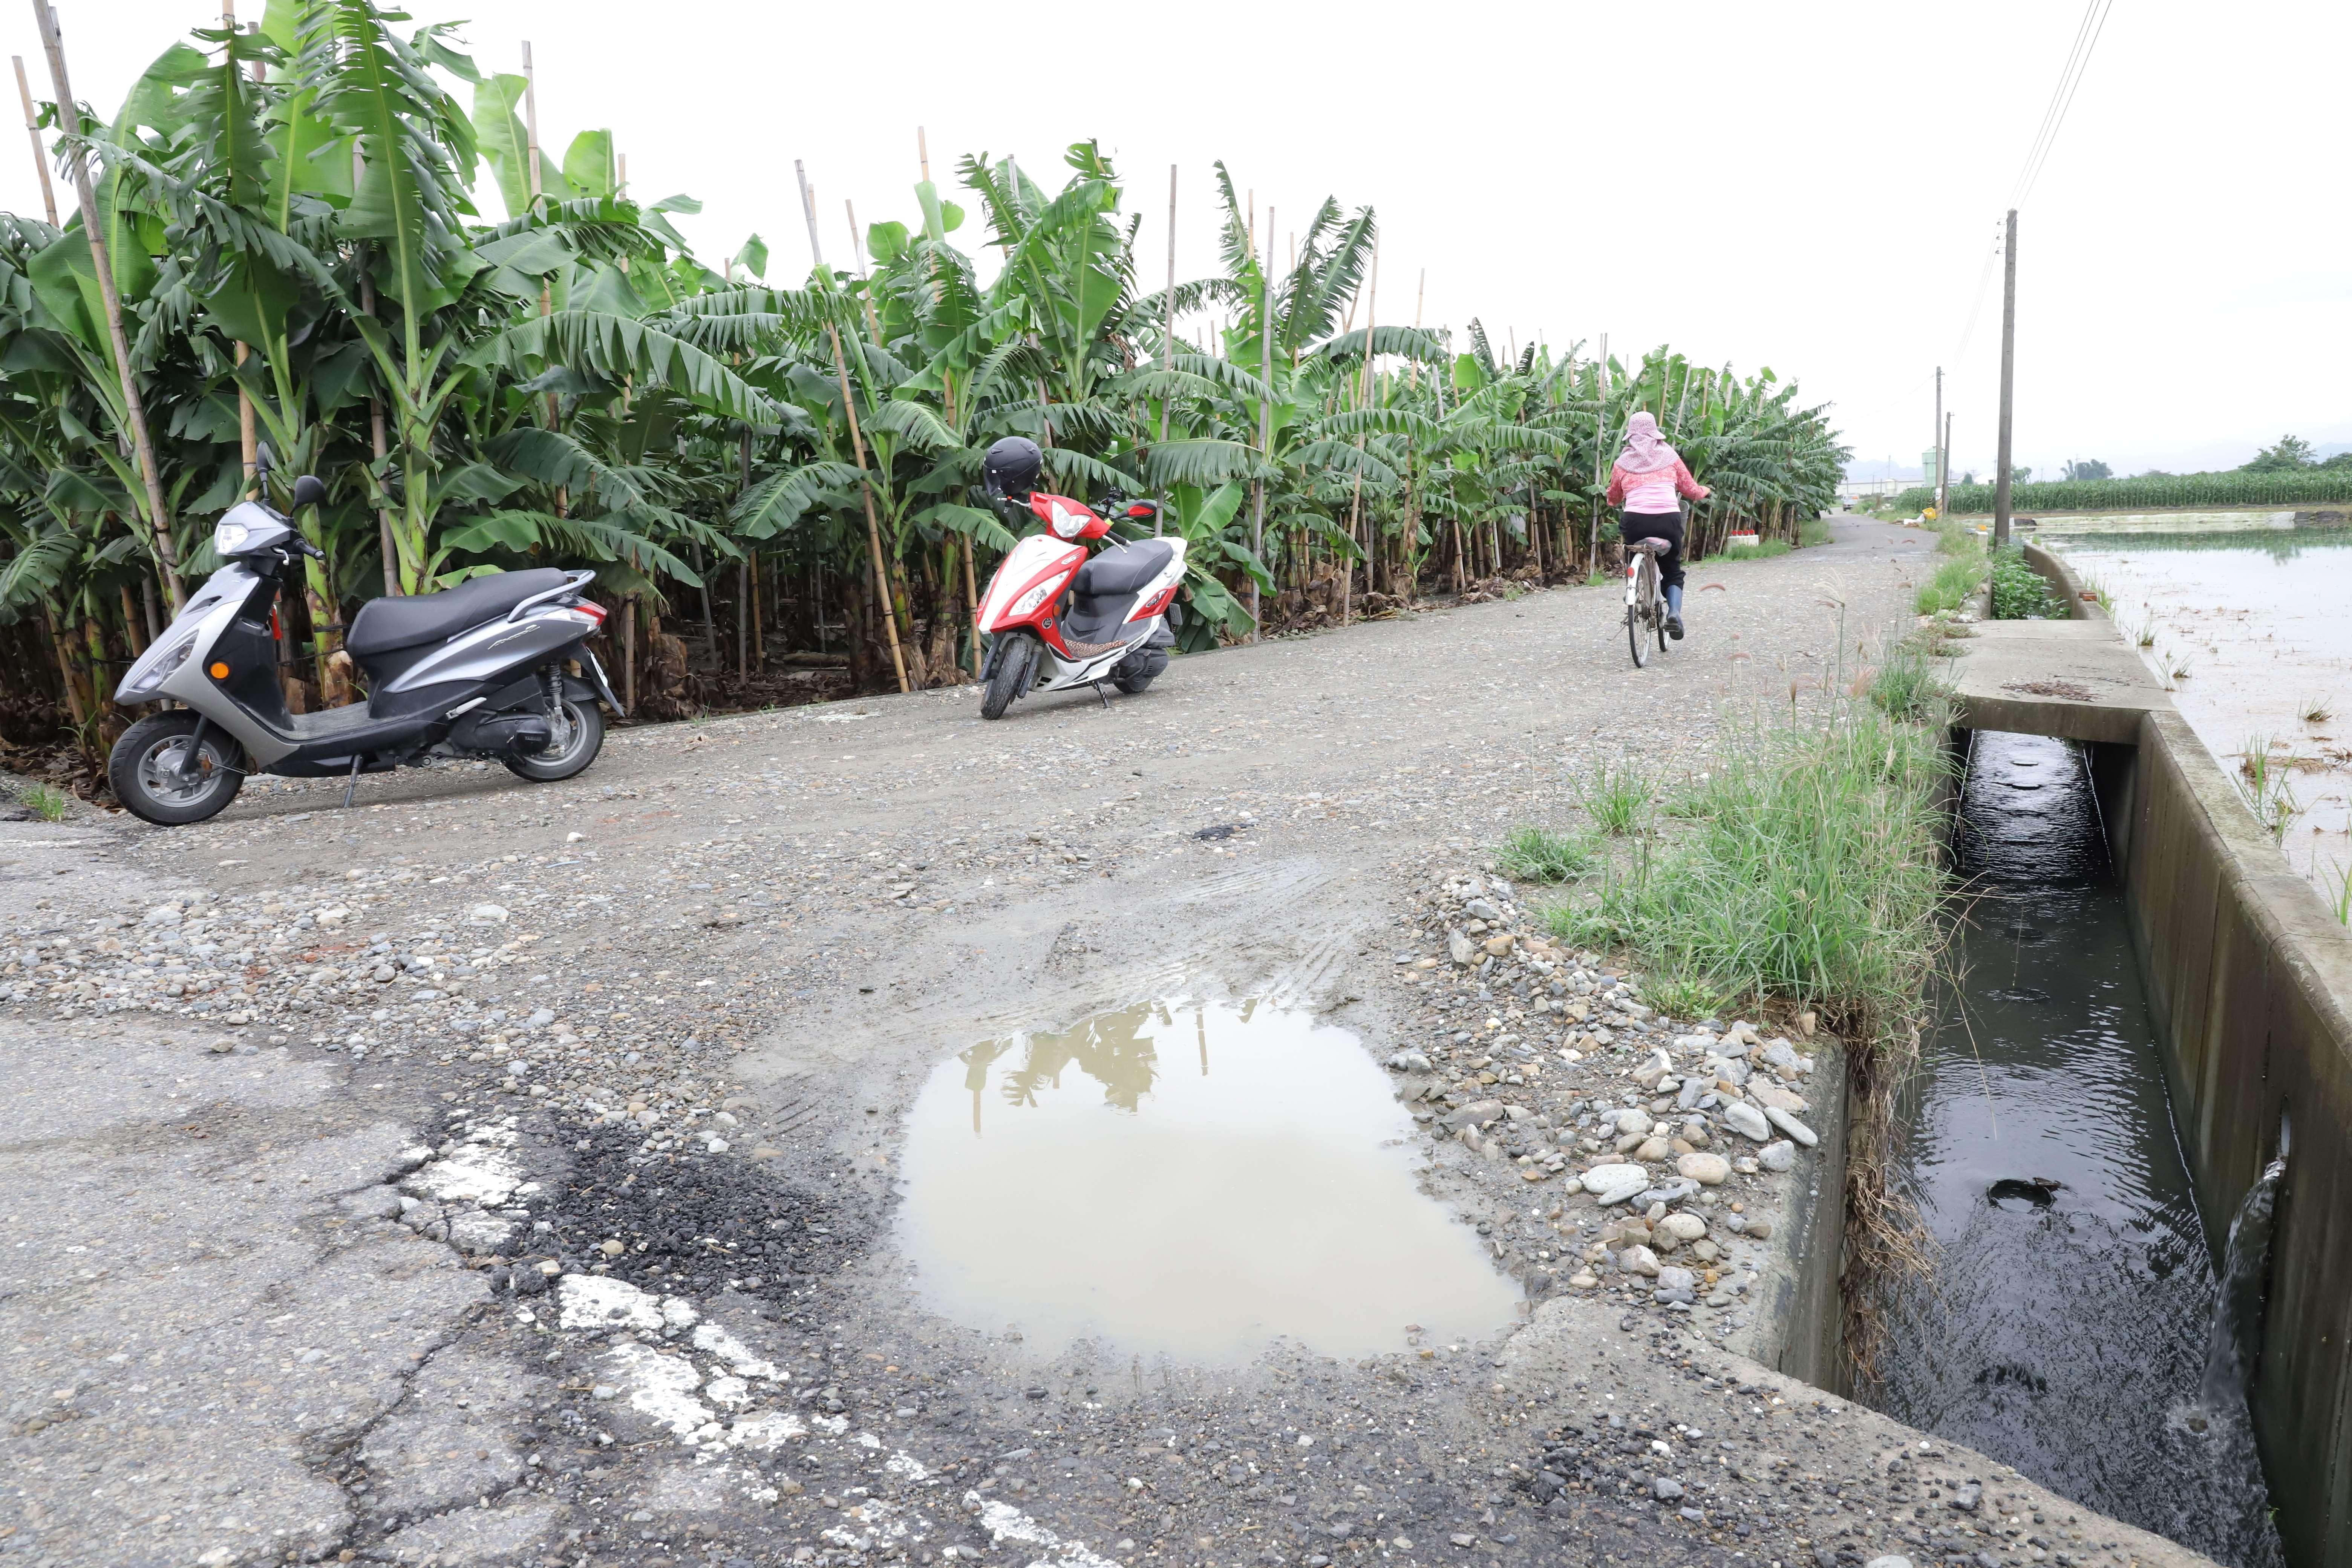 莿桐鄉鹿場及大埔尾(二)農地重劃區農路,50多年來都是石頭路,路面顛簸,下雨容易積水、打滑,影響行車安全。